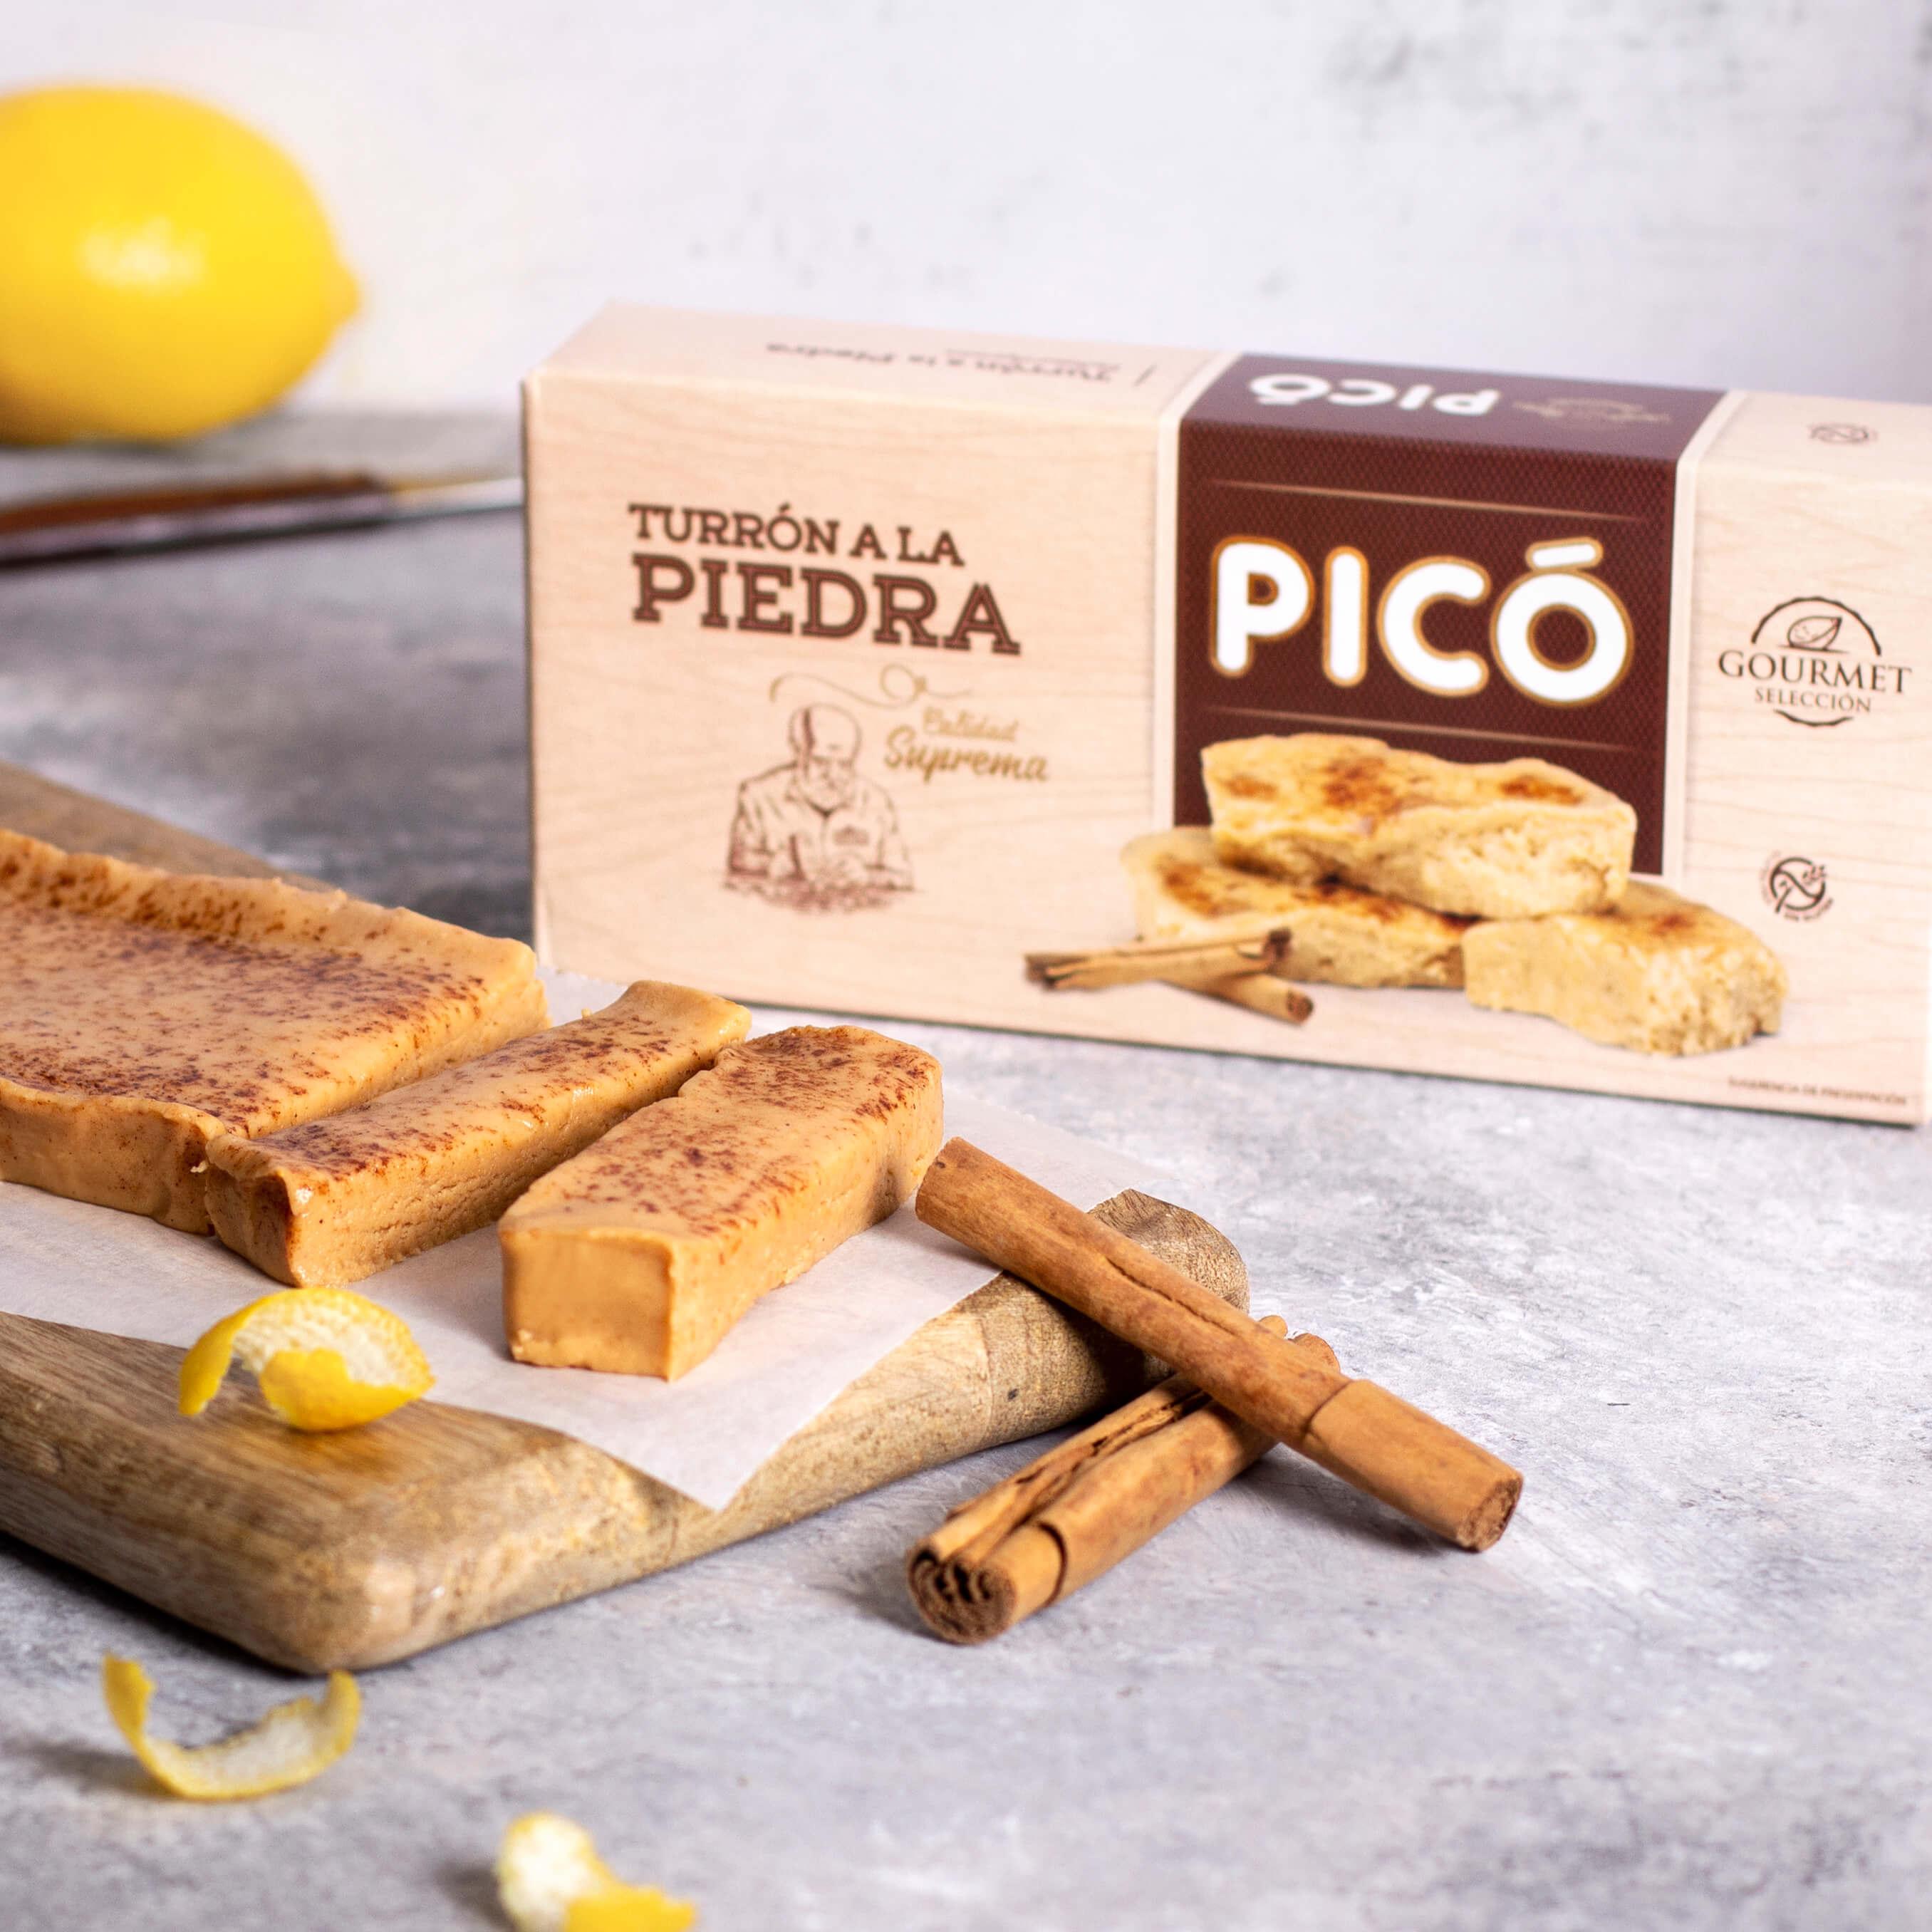 Turrón a la piedra gourmet Picó